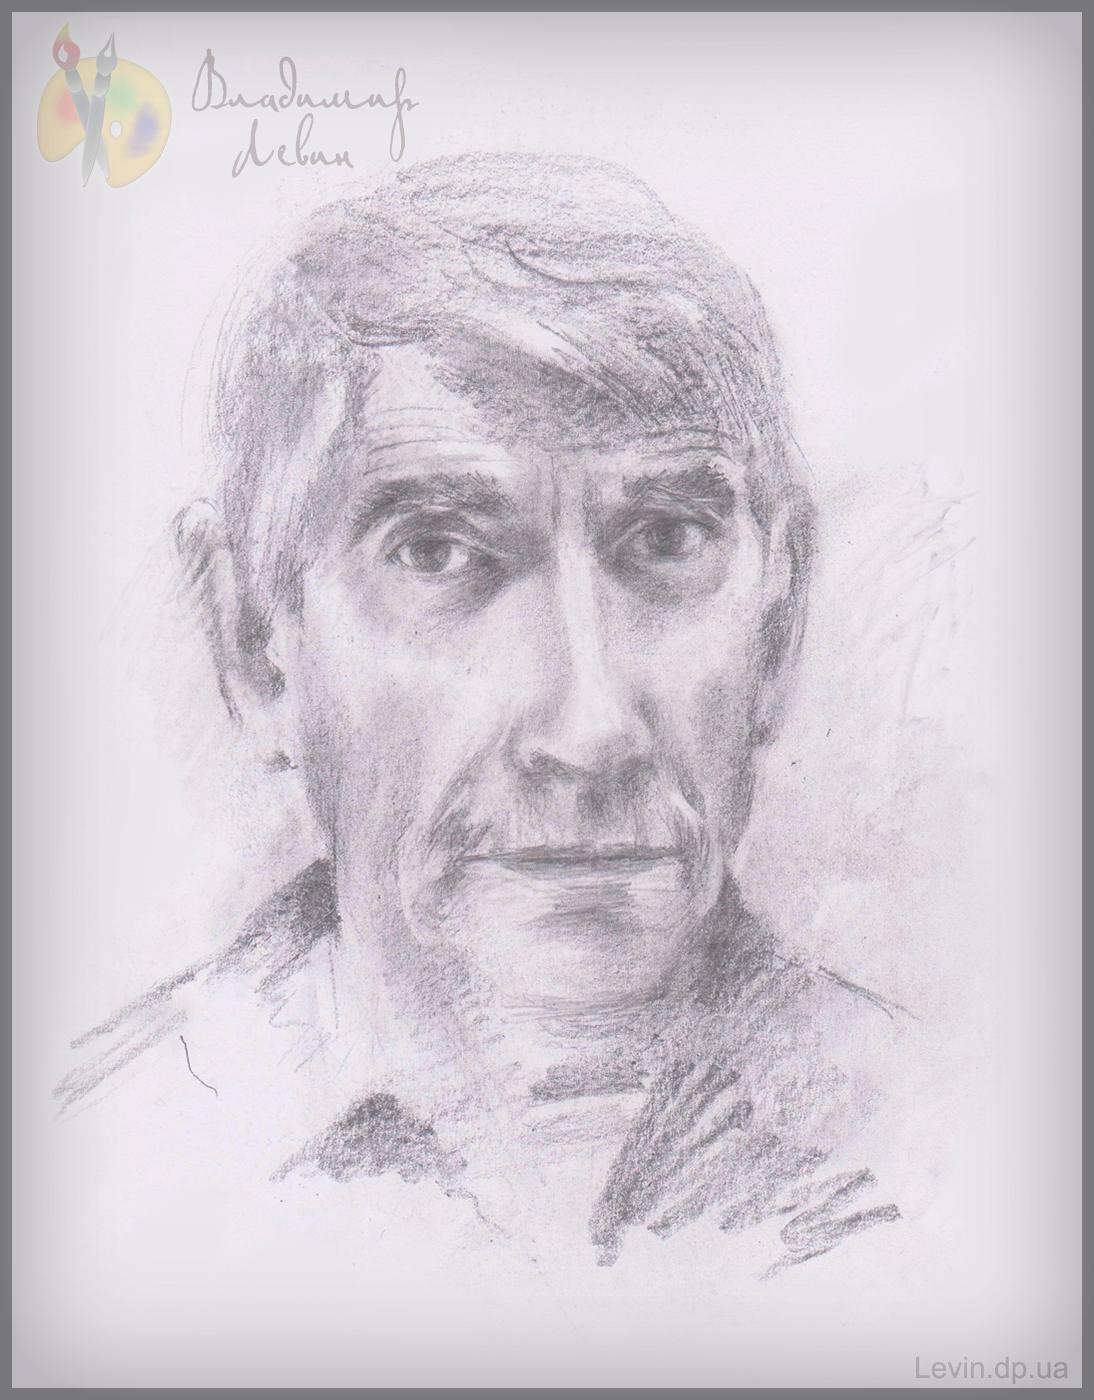 Автопортрет, рисунок